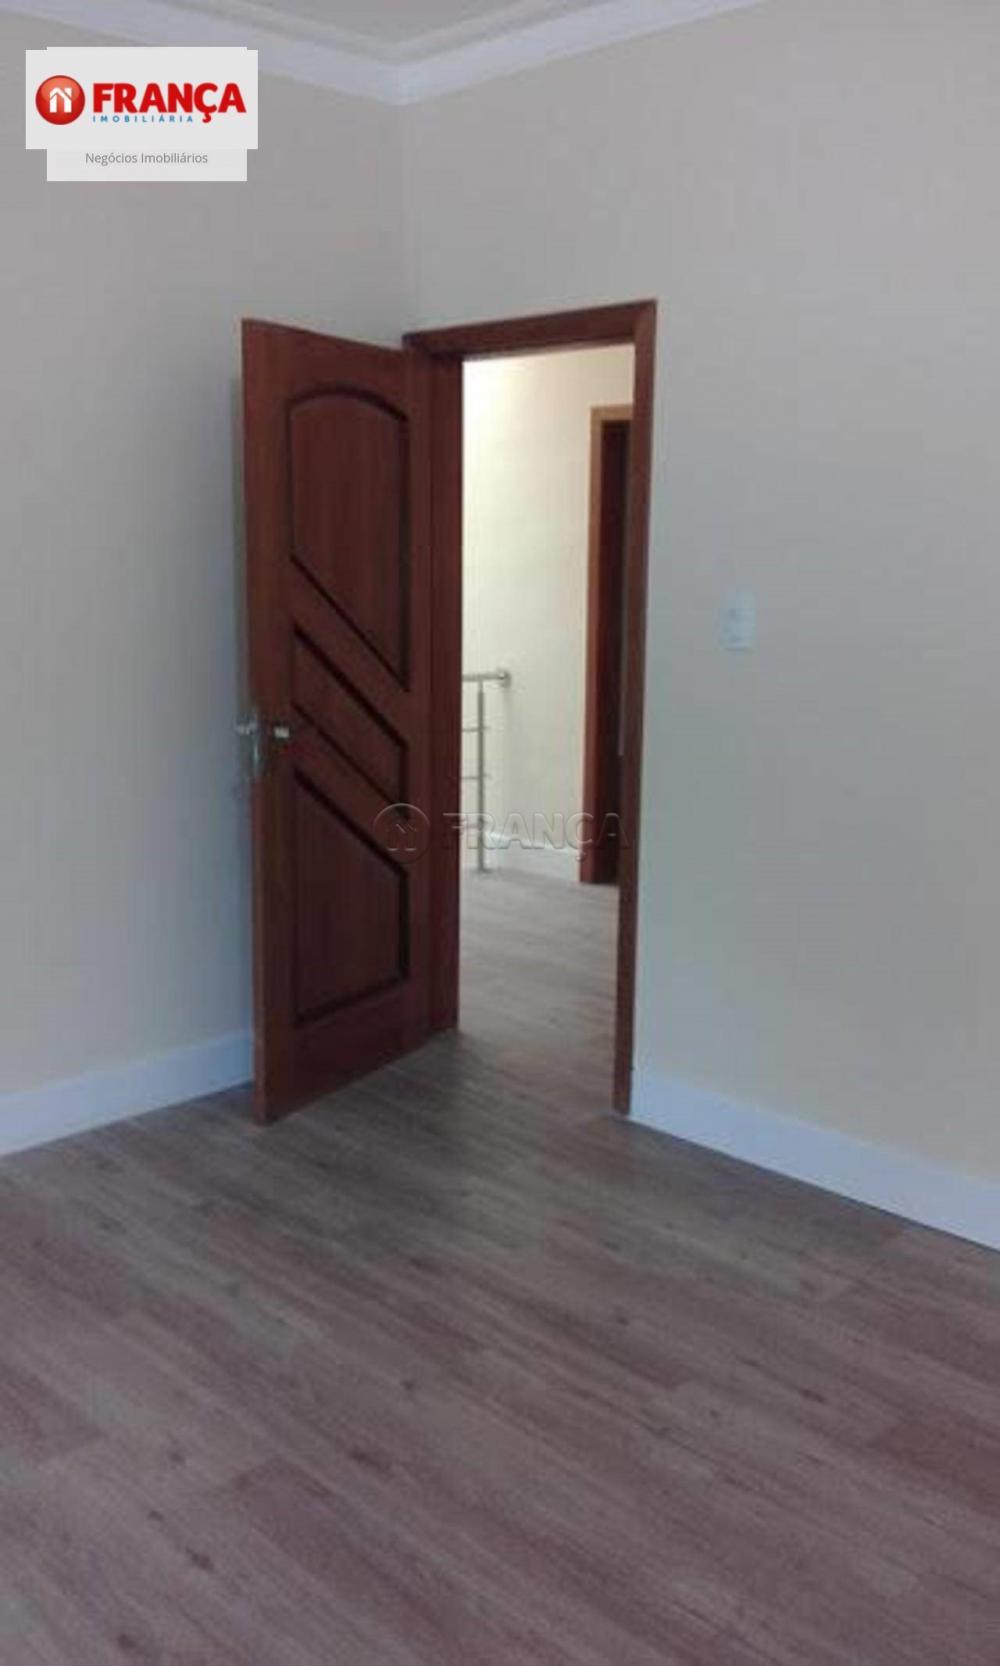 Alugar Casa / Sobrado em Jacareí apenas R$ 3.000,00 - Foto 15